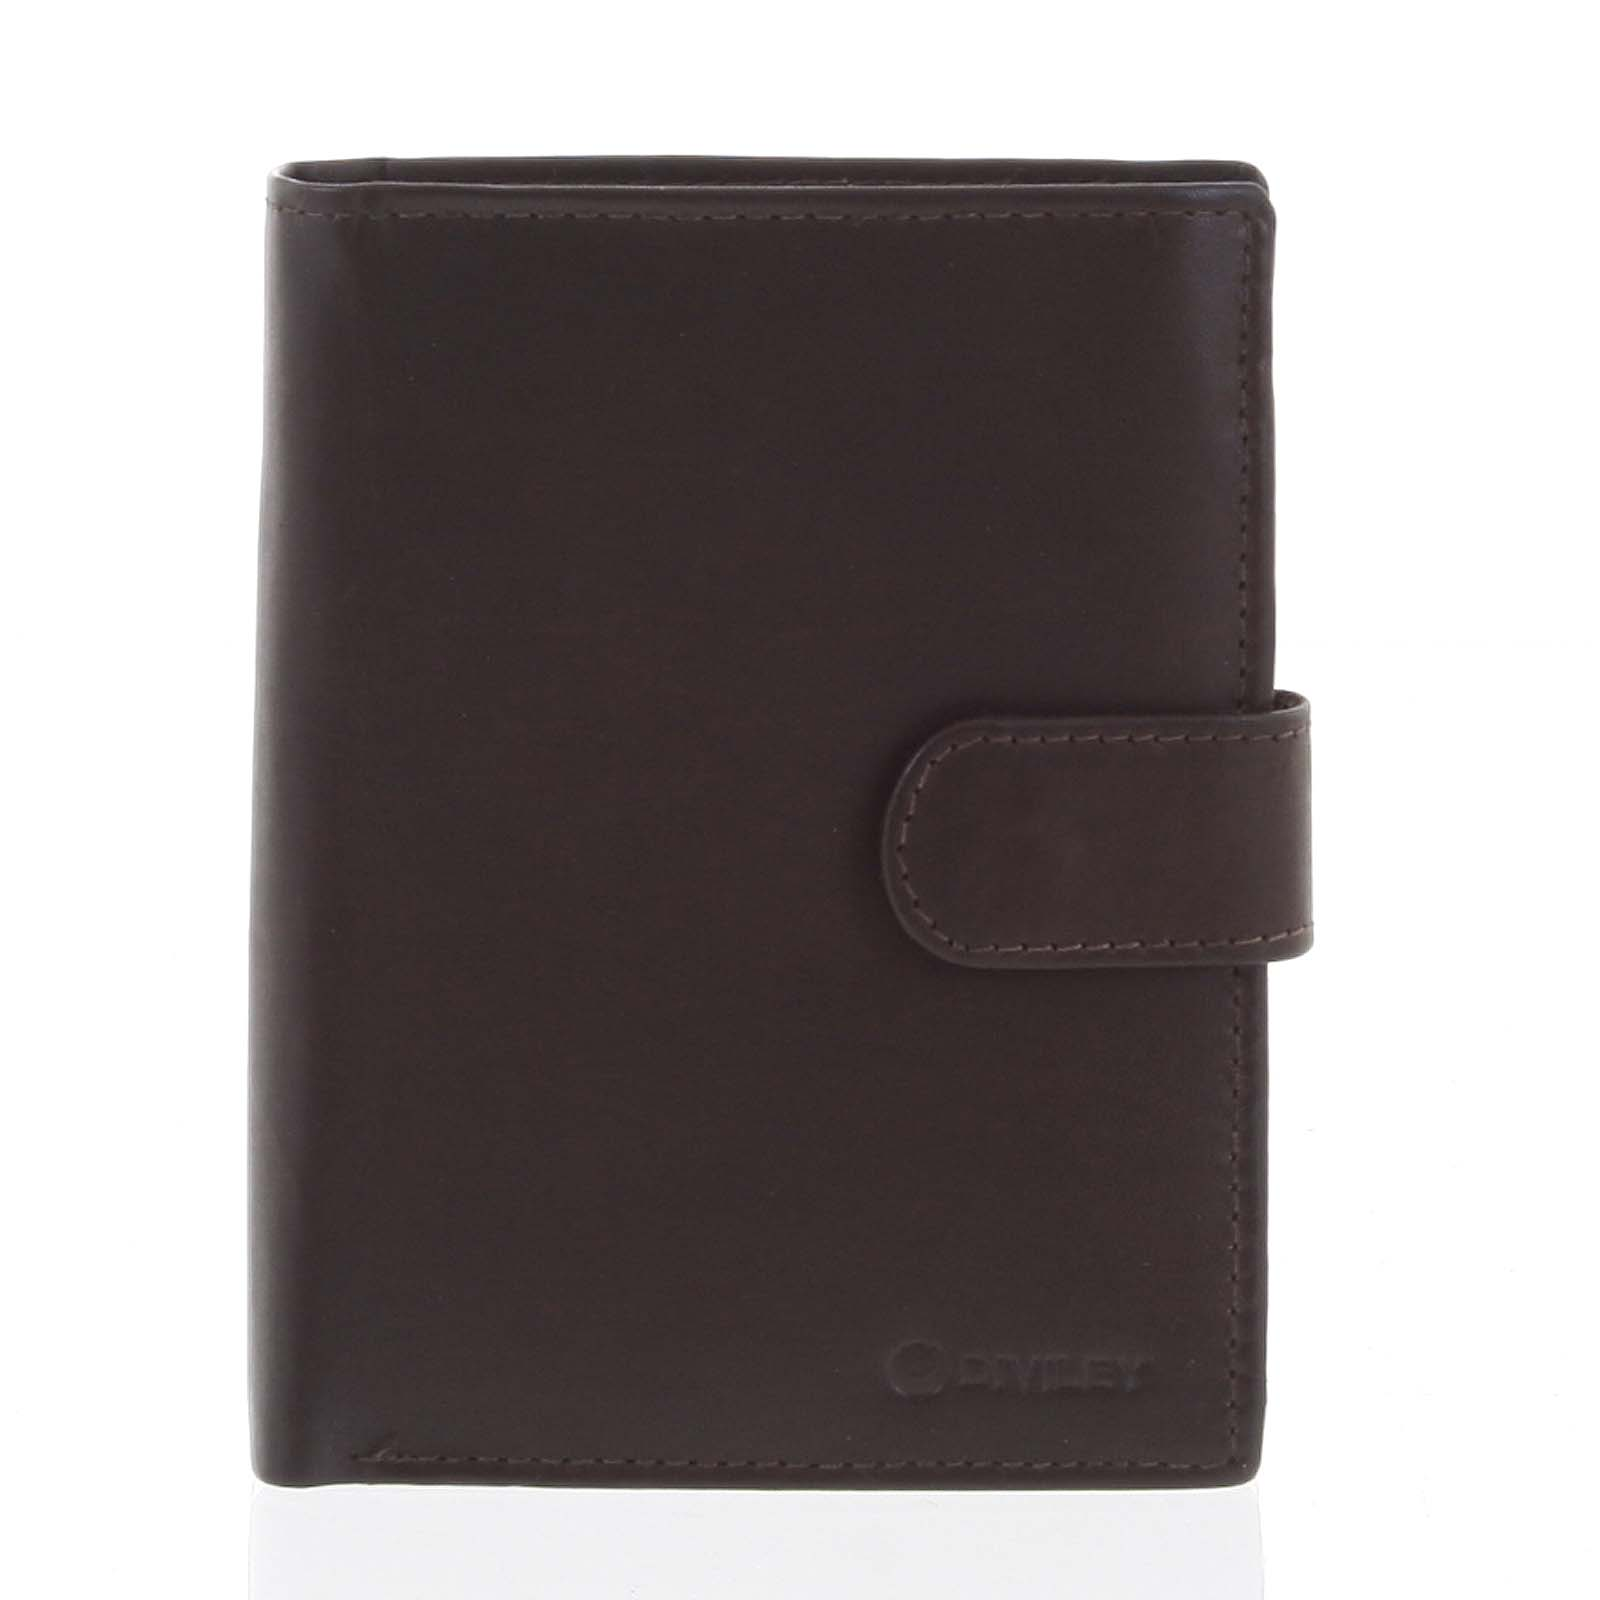 Větší pánská hnědá kožená peněženka se zápinkou - Diviley Heelal